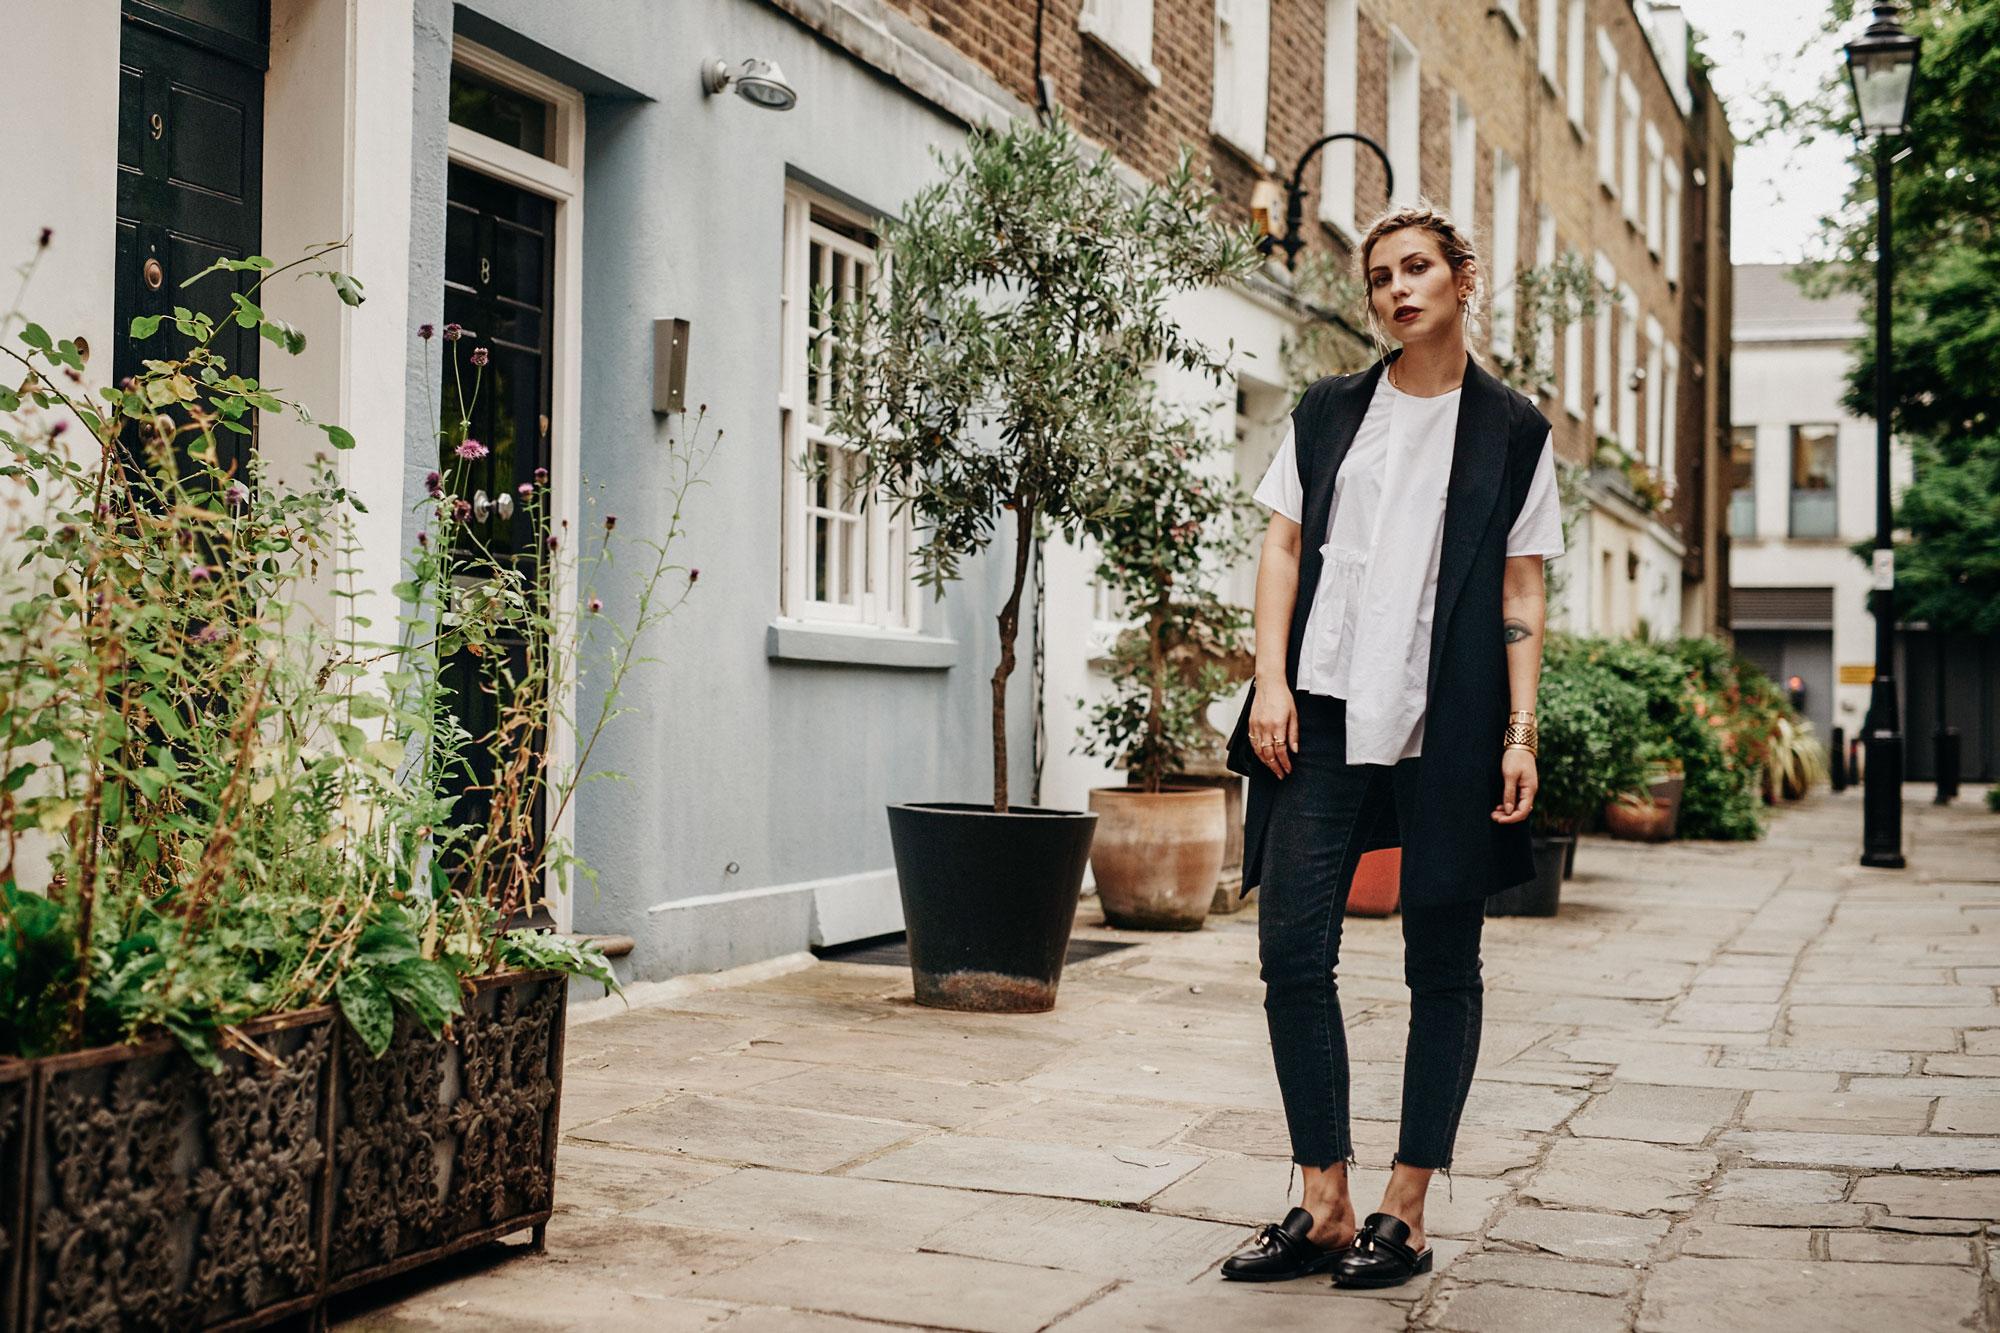 Как носить: черное и белое | модный стиль: классика, горячий, офисный | белая блузка, черные джинсы